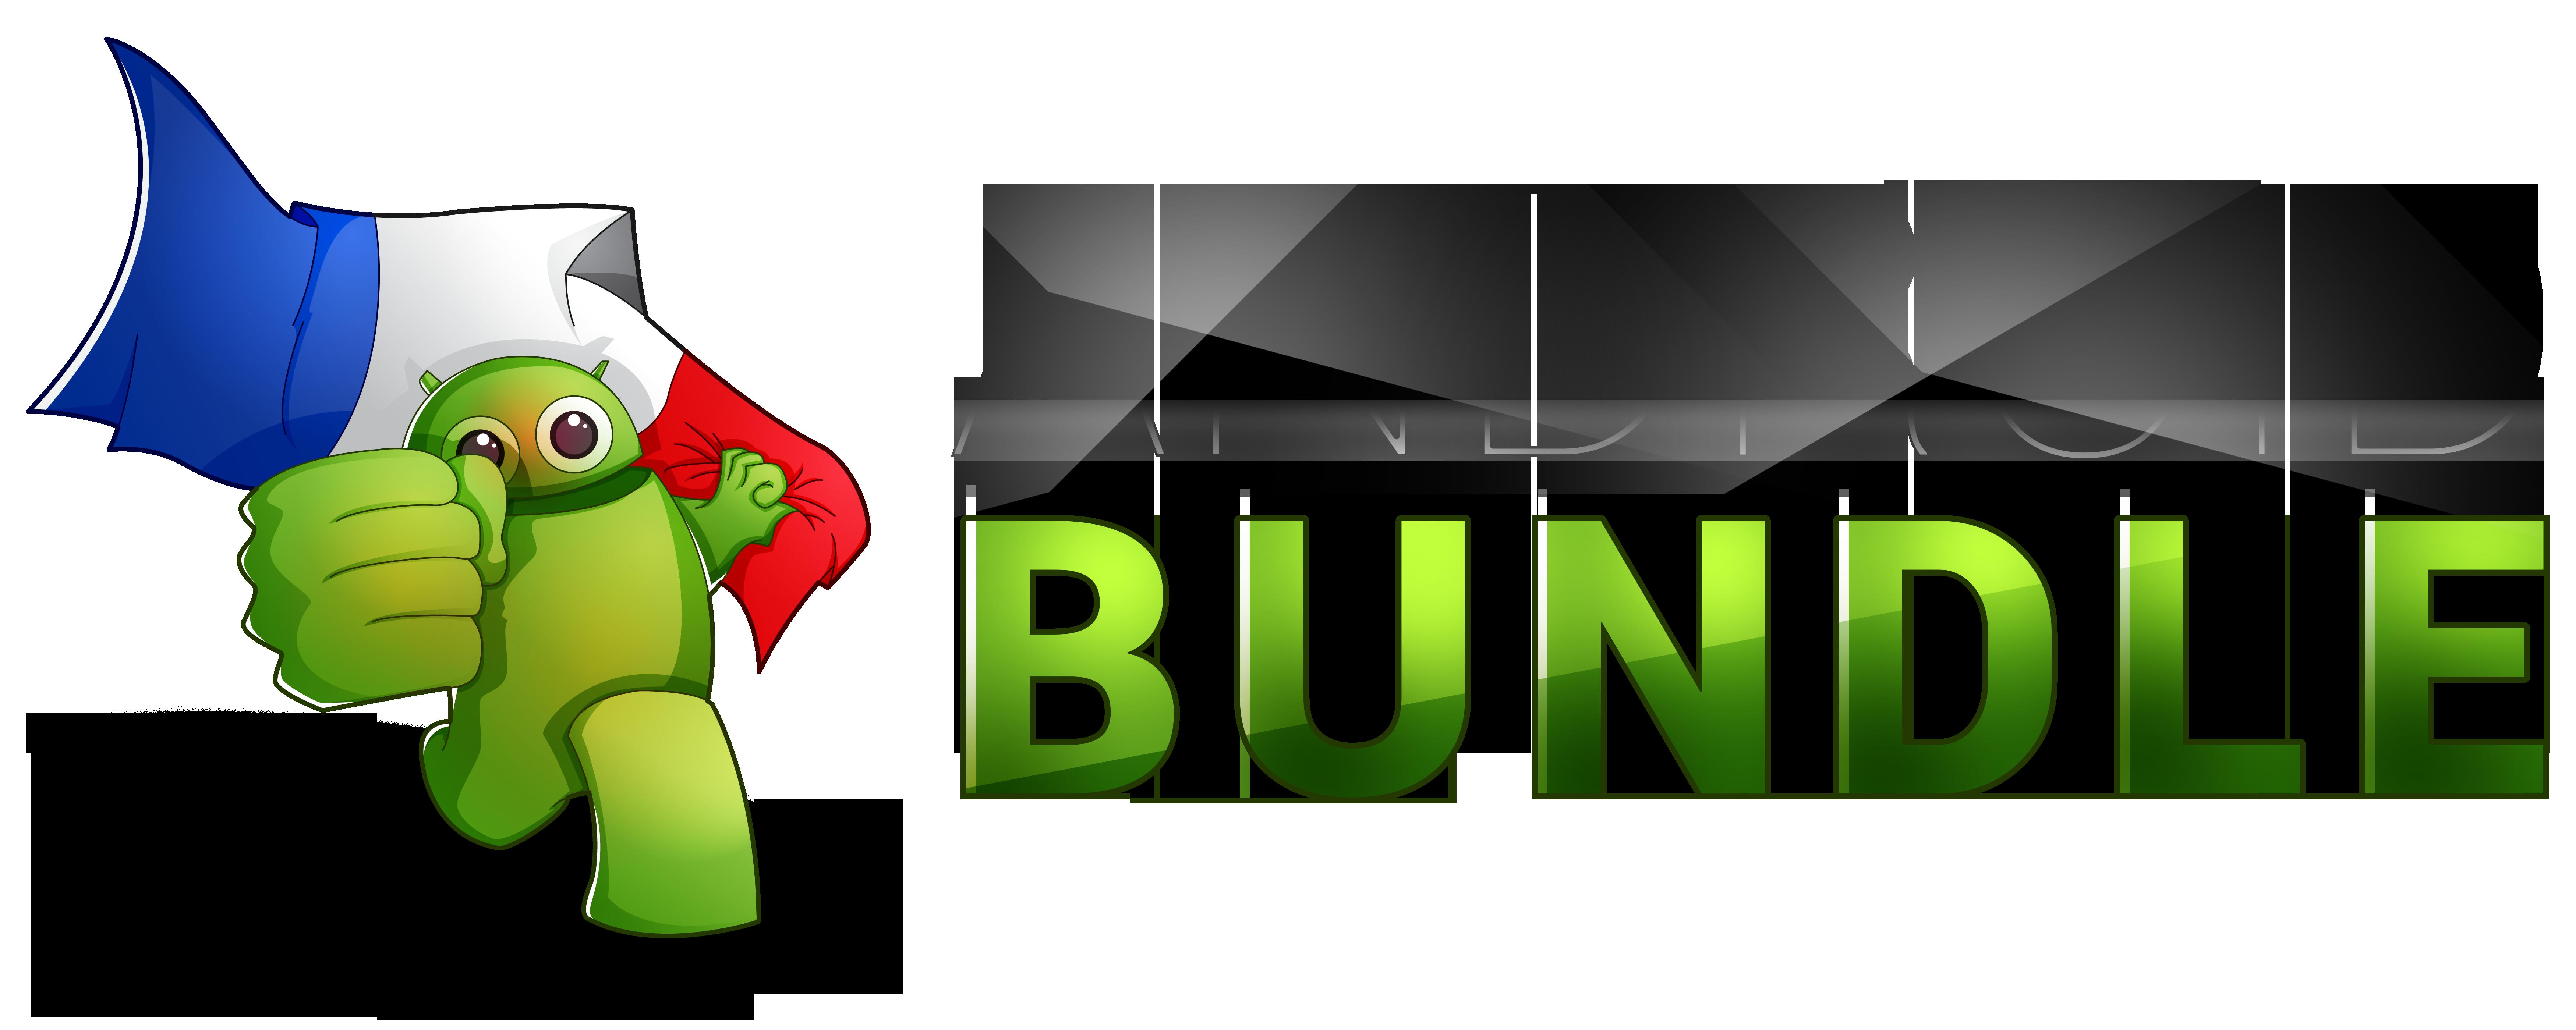 french android bundle plus de 20 applications en baisse de prix. Black Bedroom Furniture Sets. Home Design Ideas